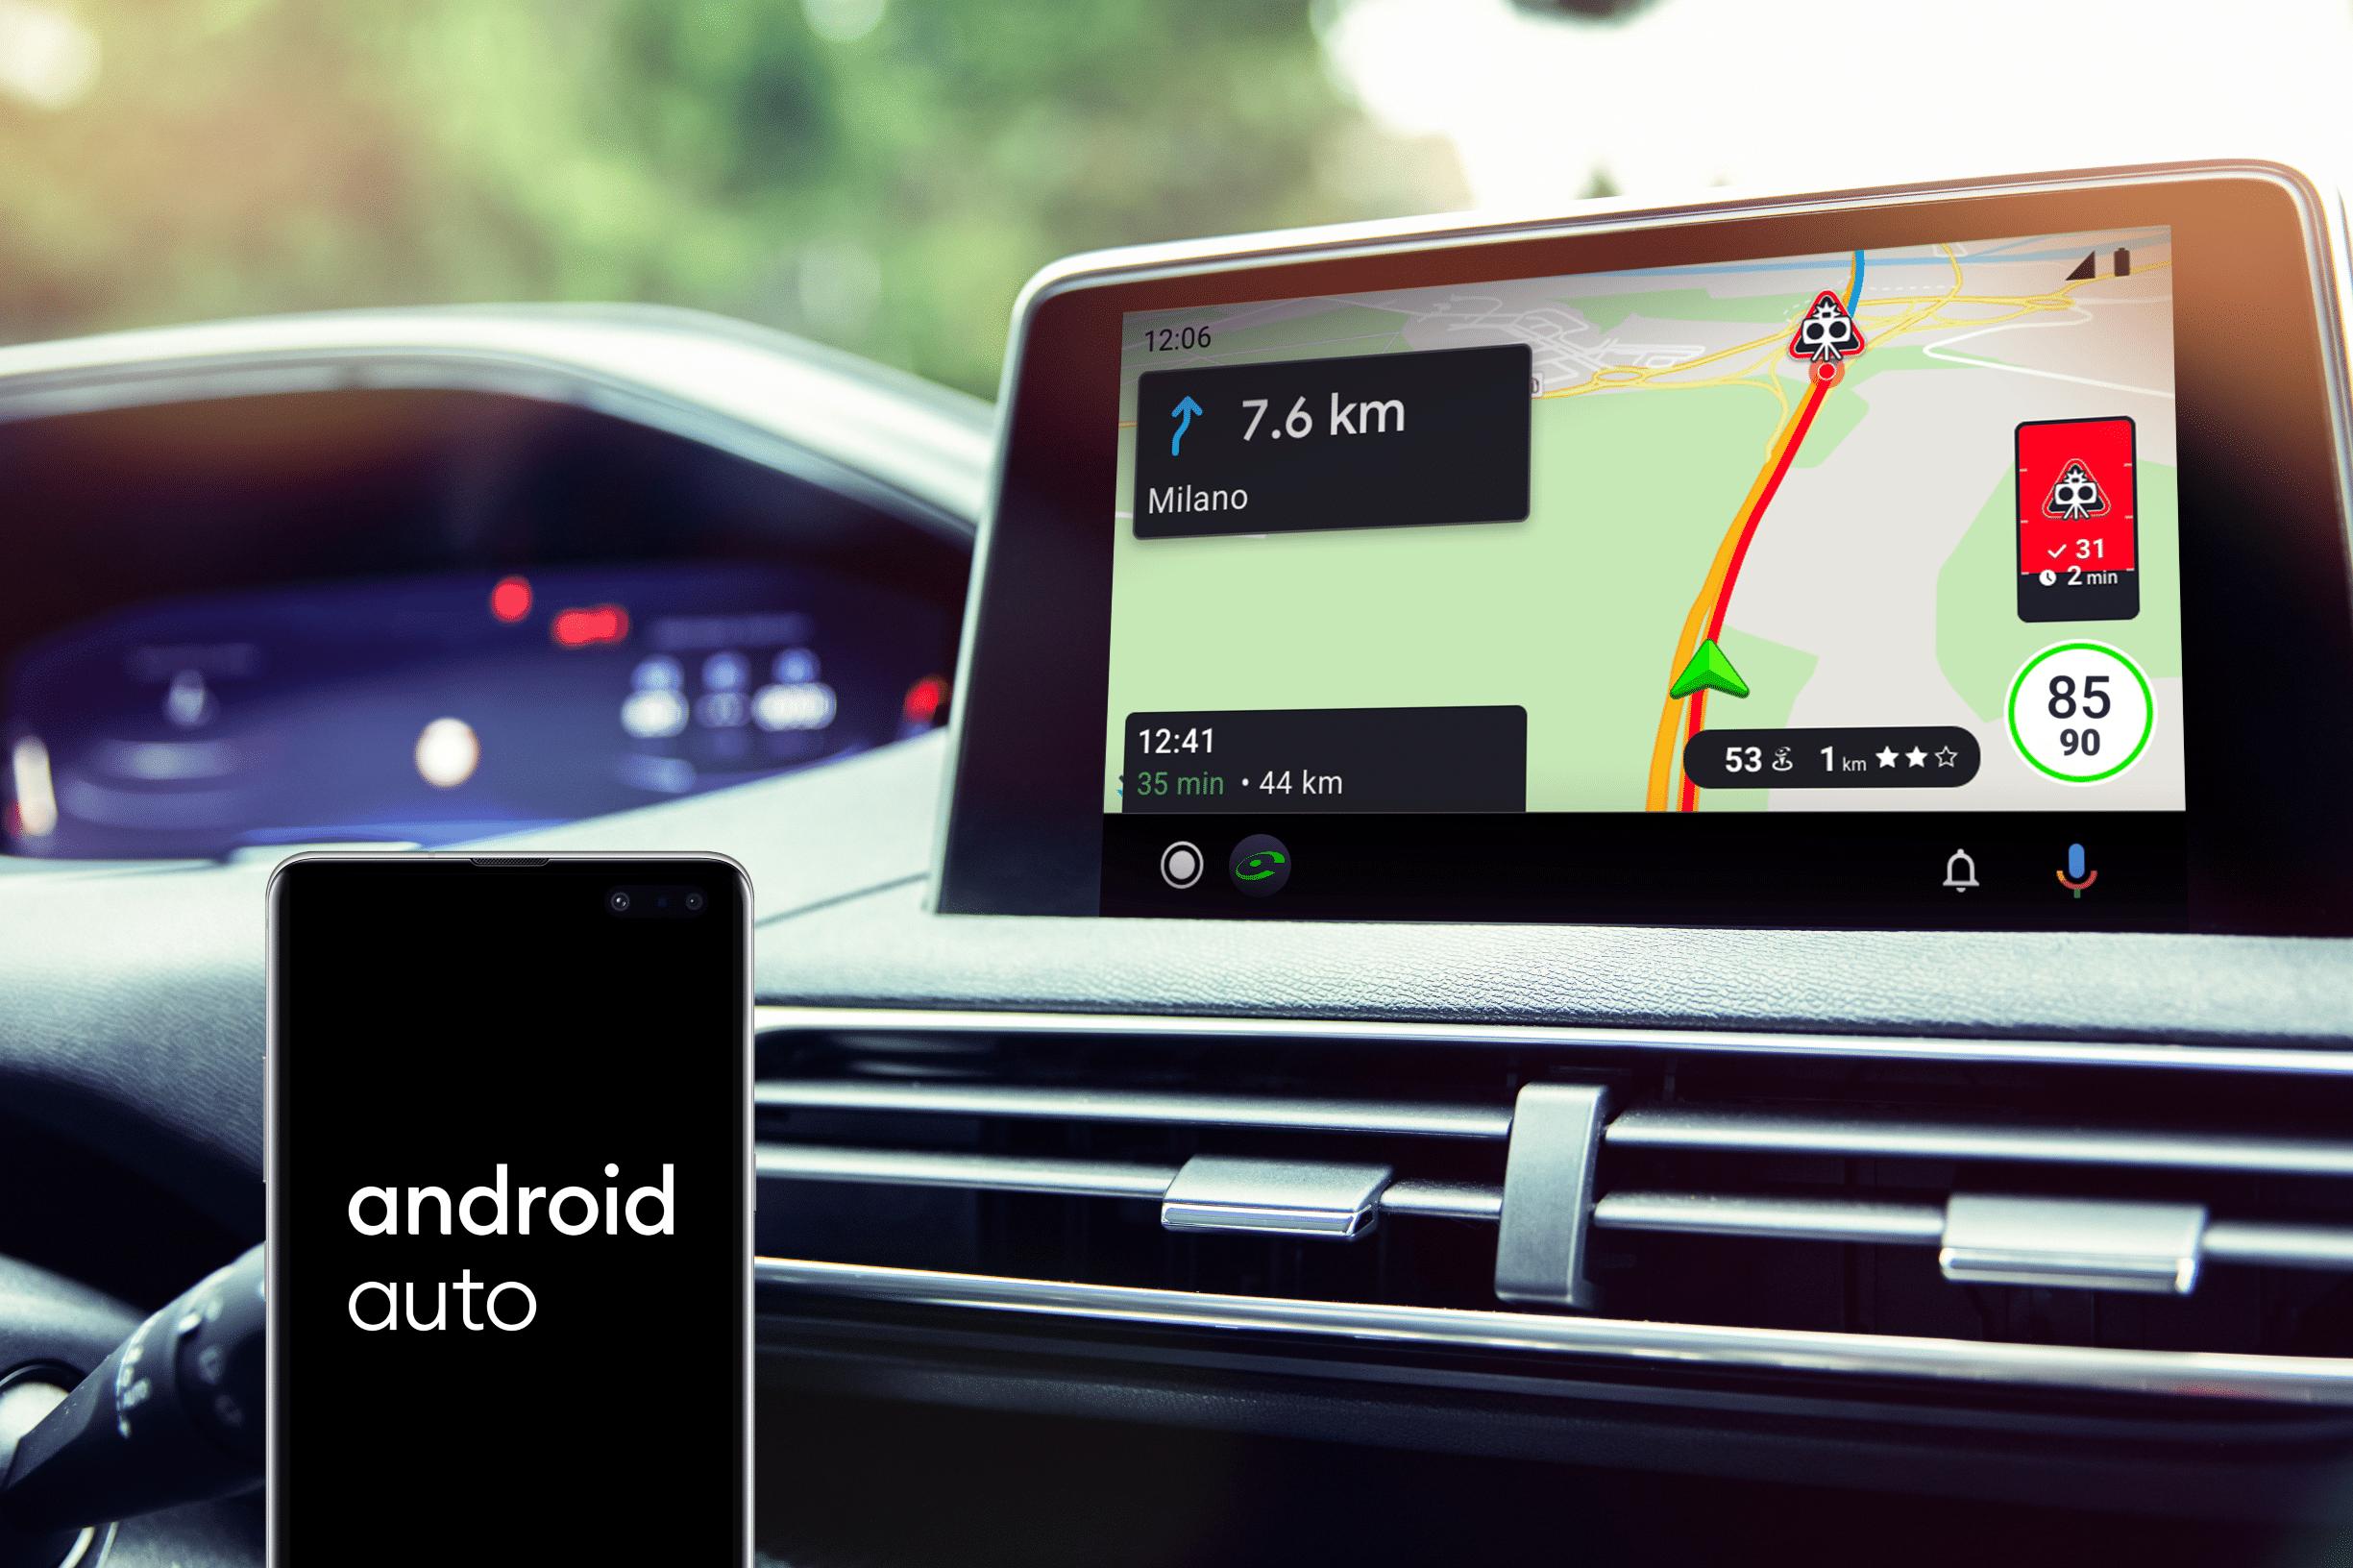 Guida connessa, la tecnologia COYOTE arriva su Android Auto thumbnail